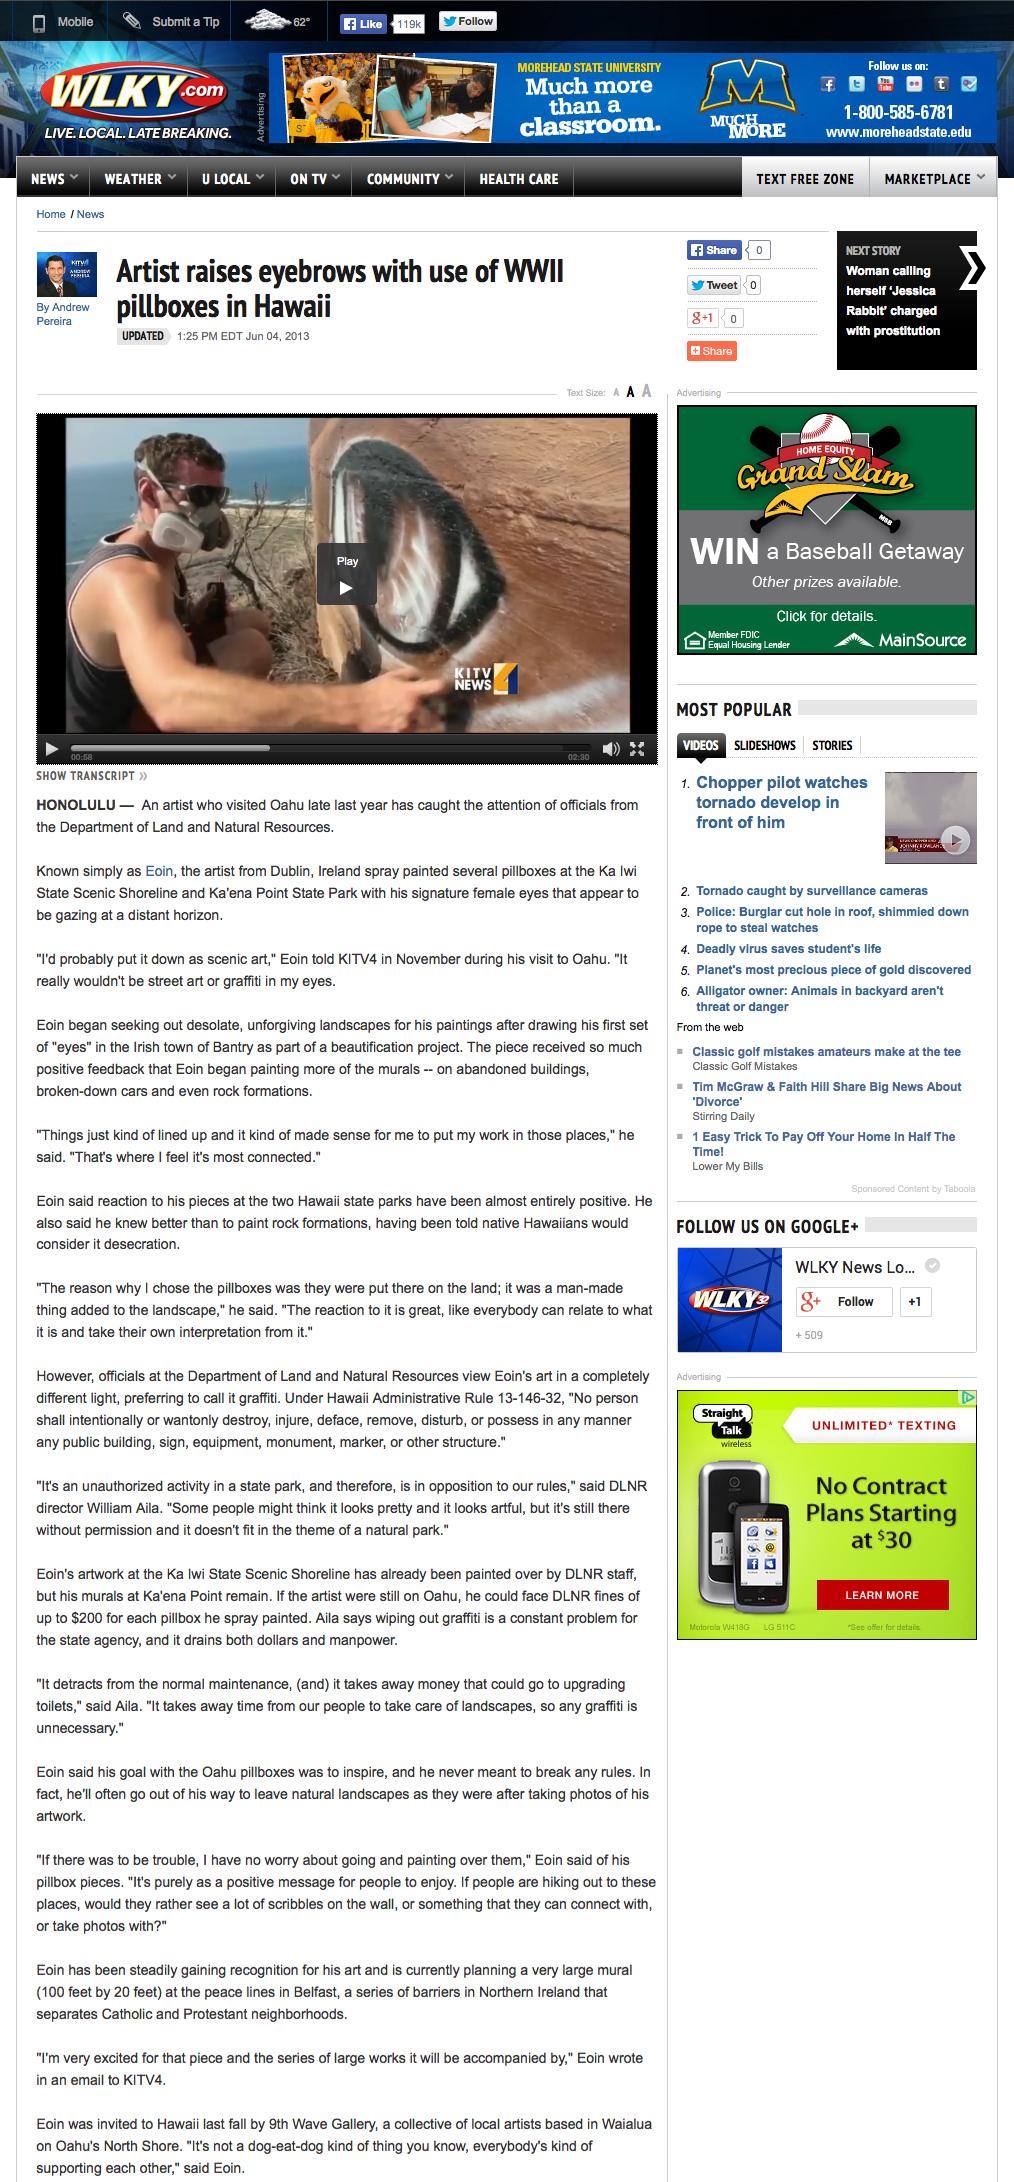 2013-06-04-eoin-o-connor-pillbox-news.jpg